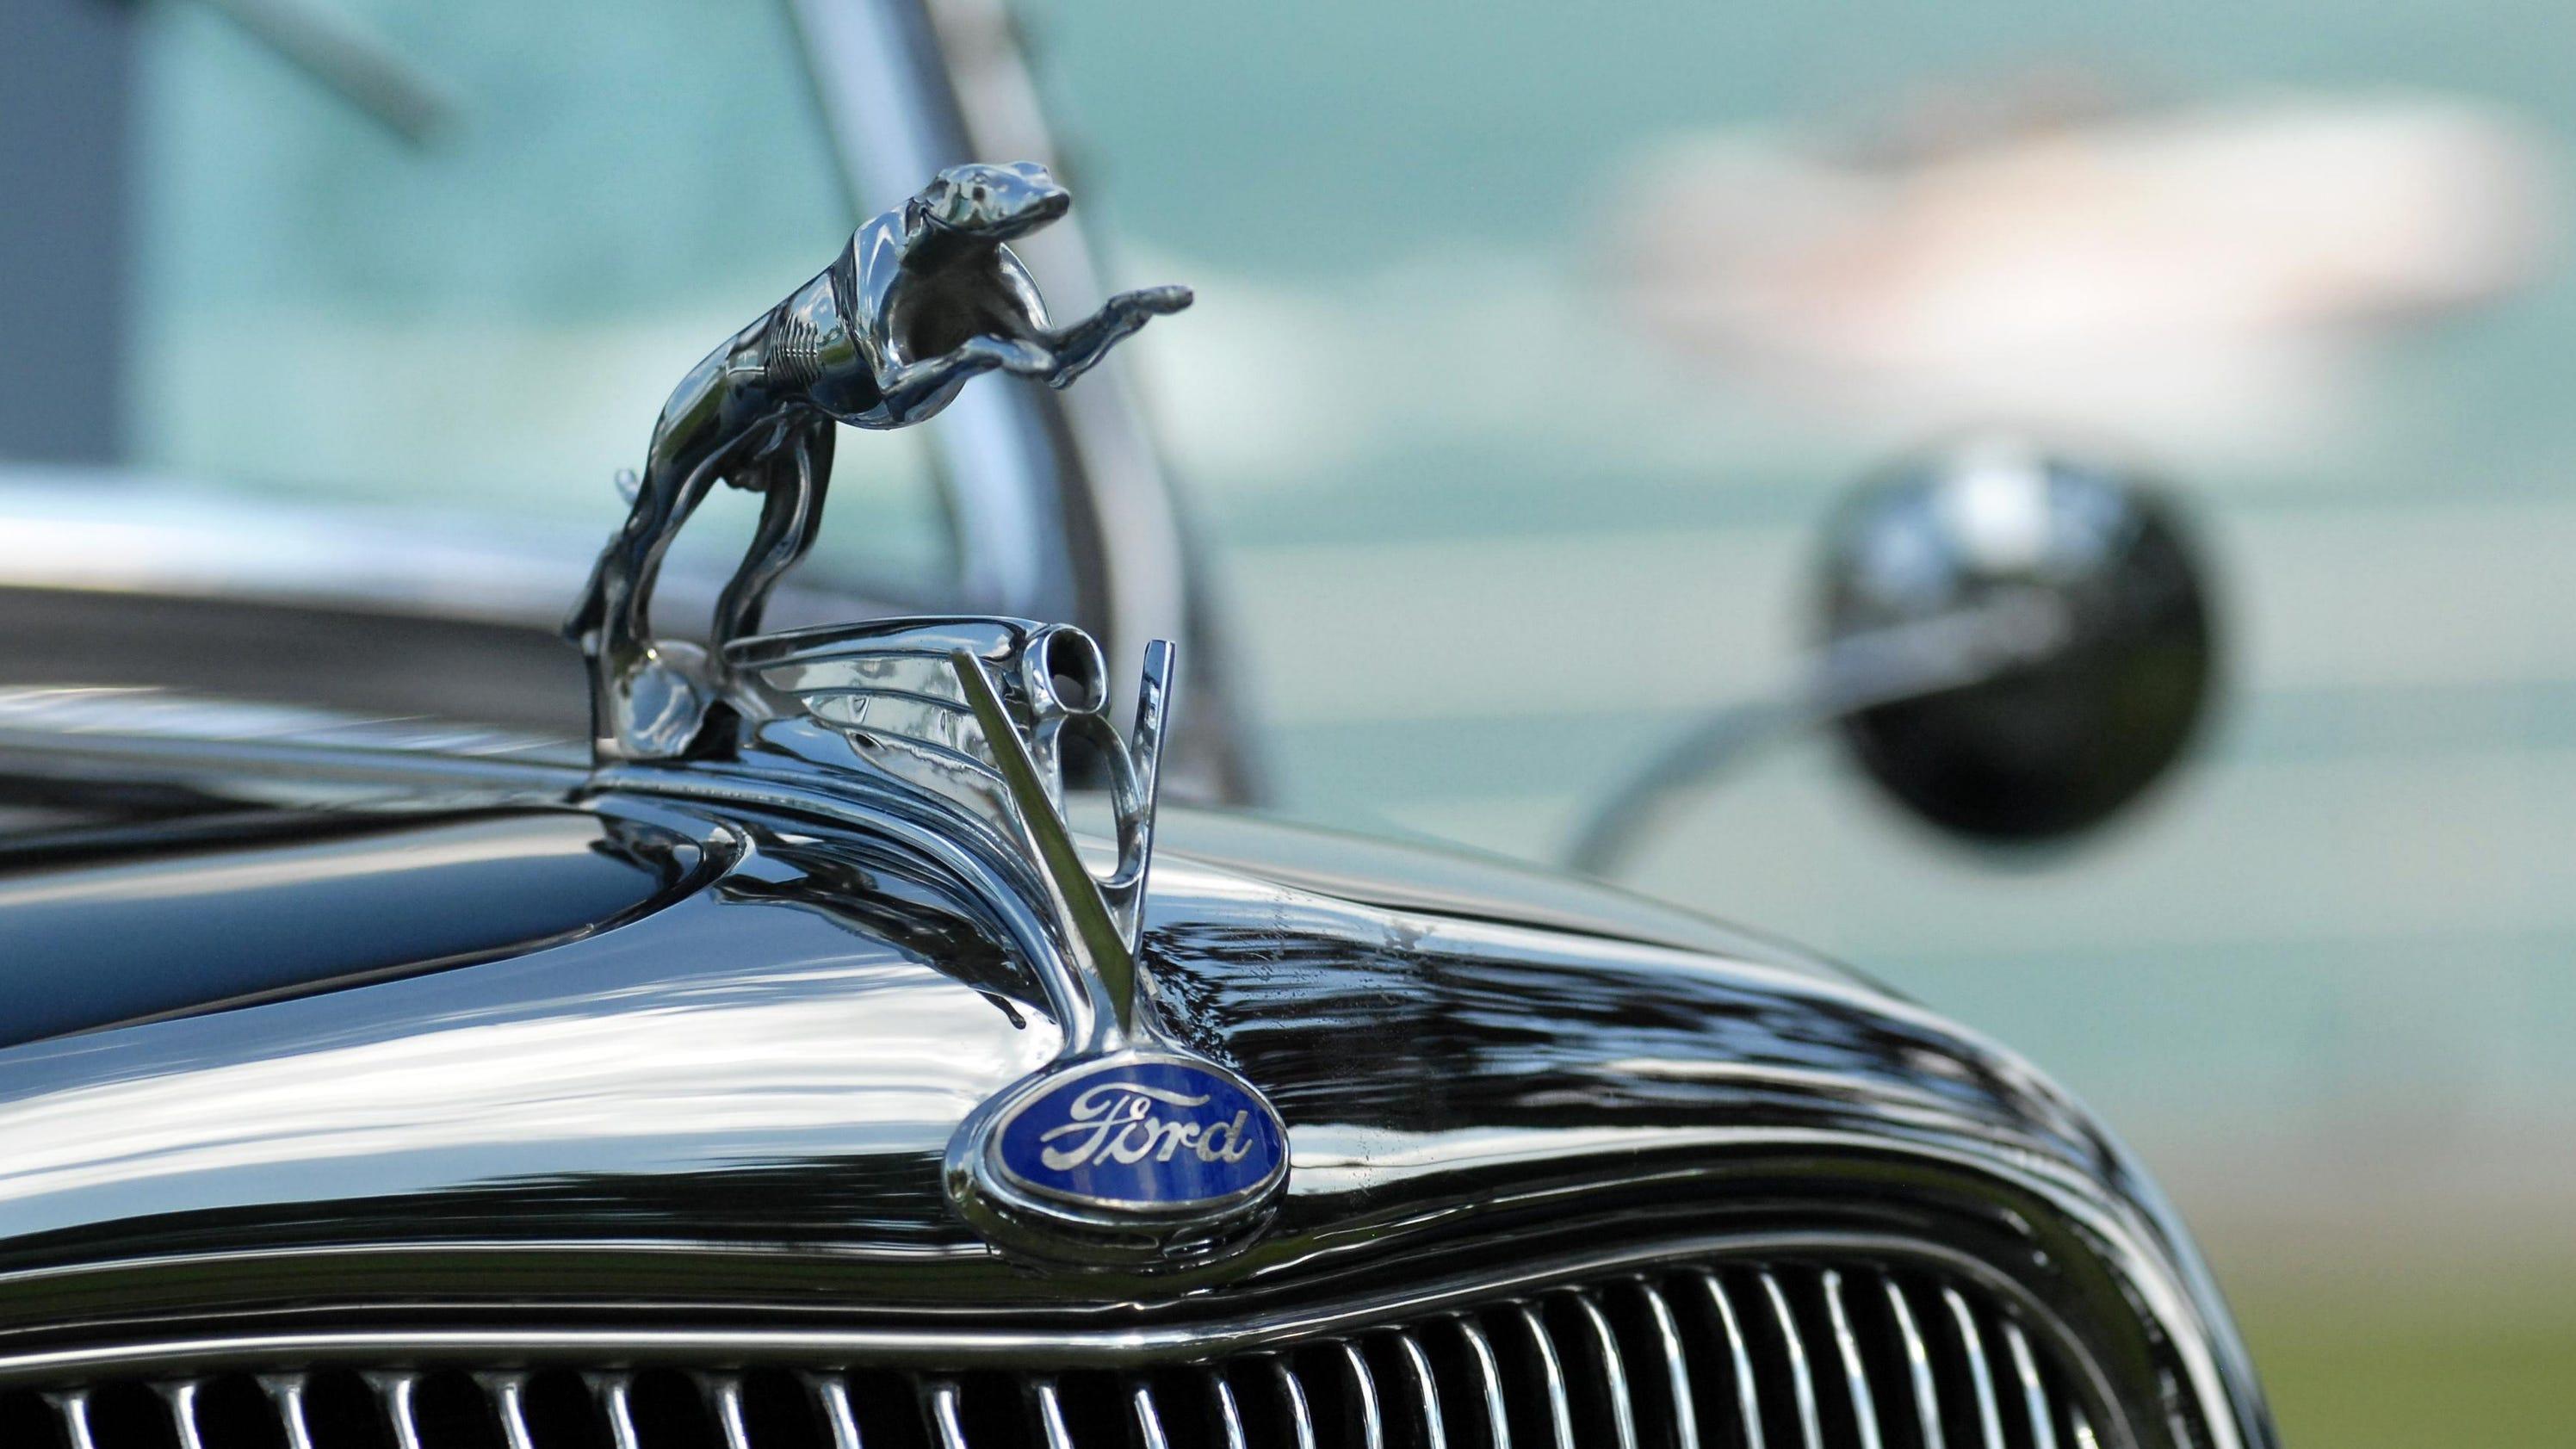 June 18 - Lexington A&W Classic Car Show